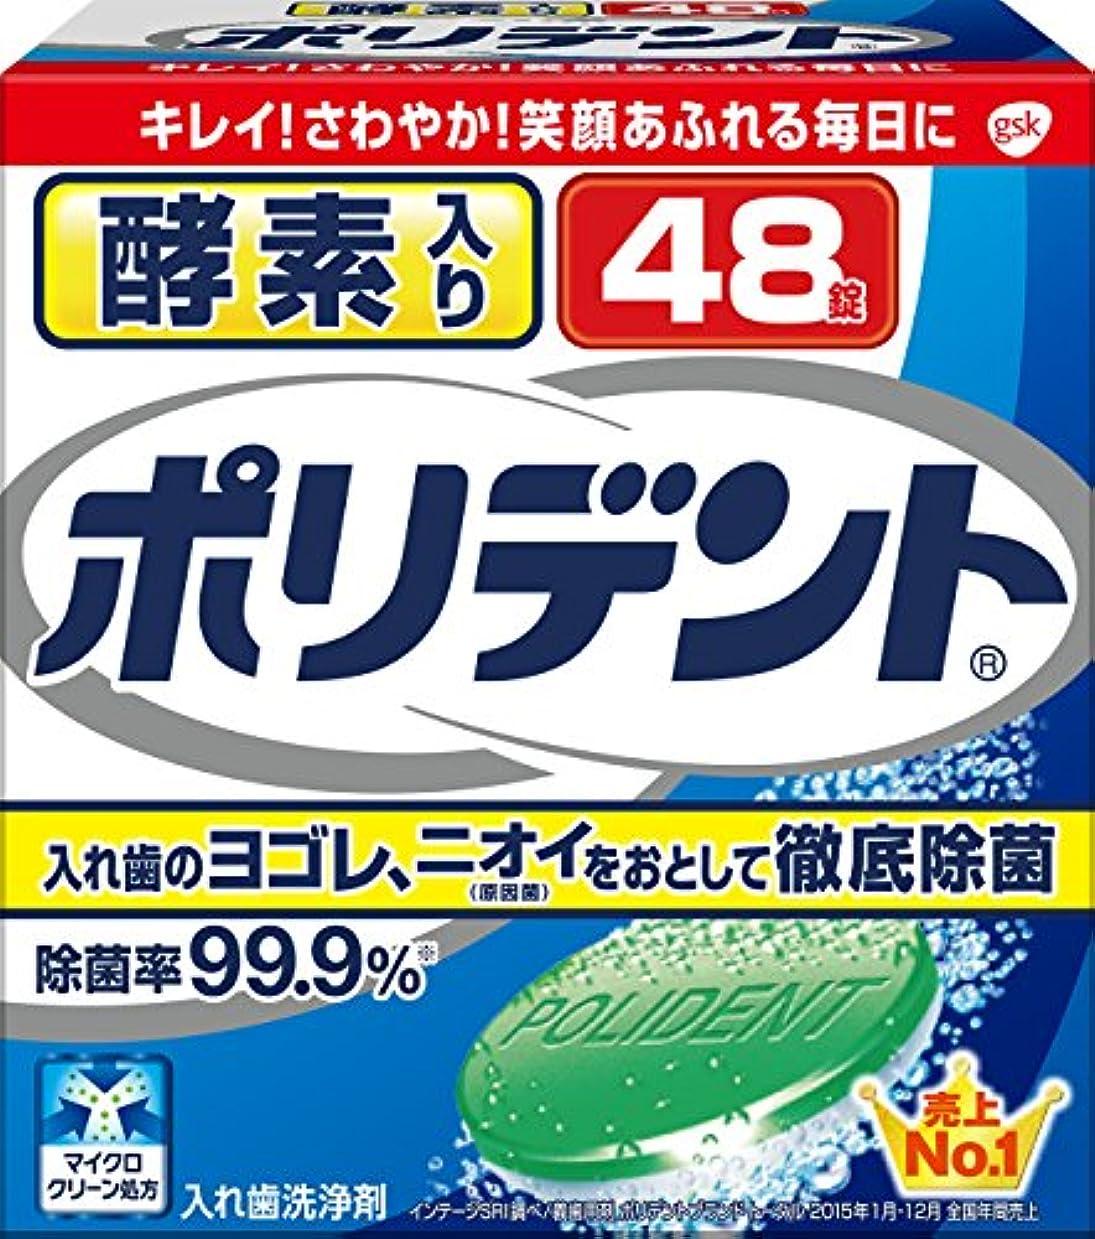 切り刻む代わりのたっぷり入れ歯洗浄剤 酵素入り ポリデント 48錠